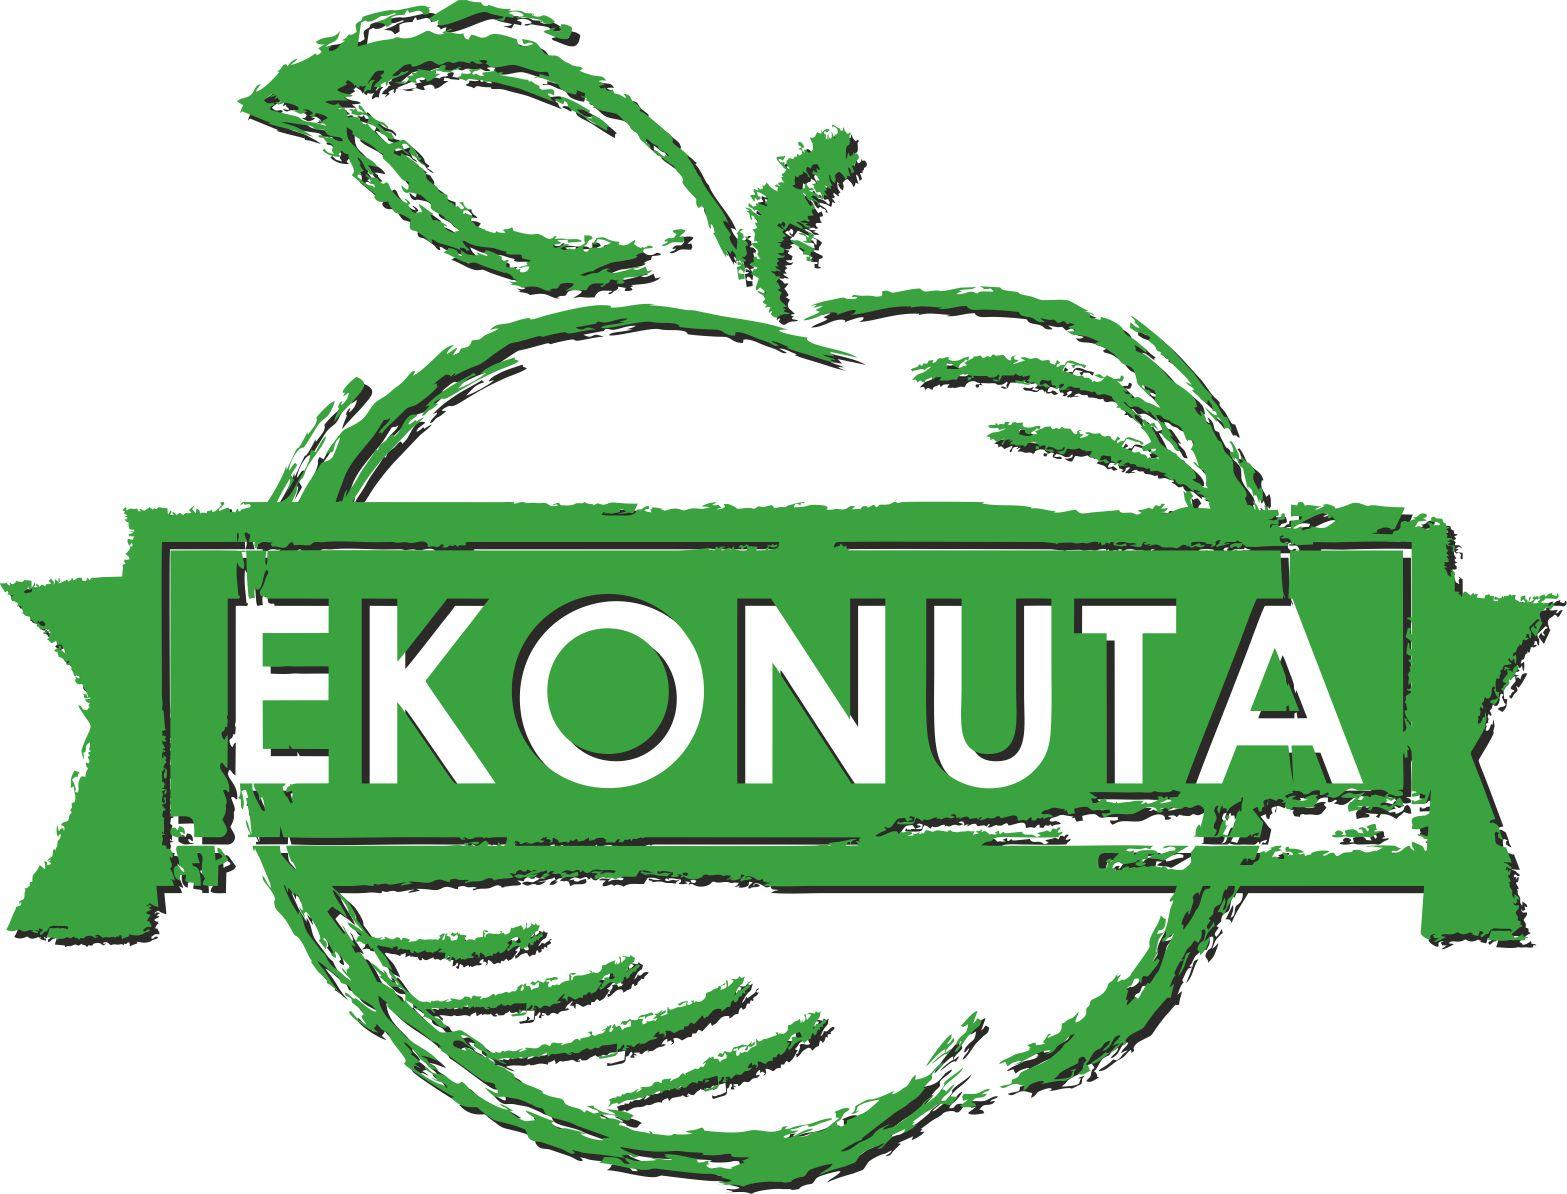 EkoNuta